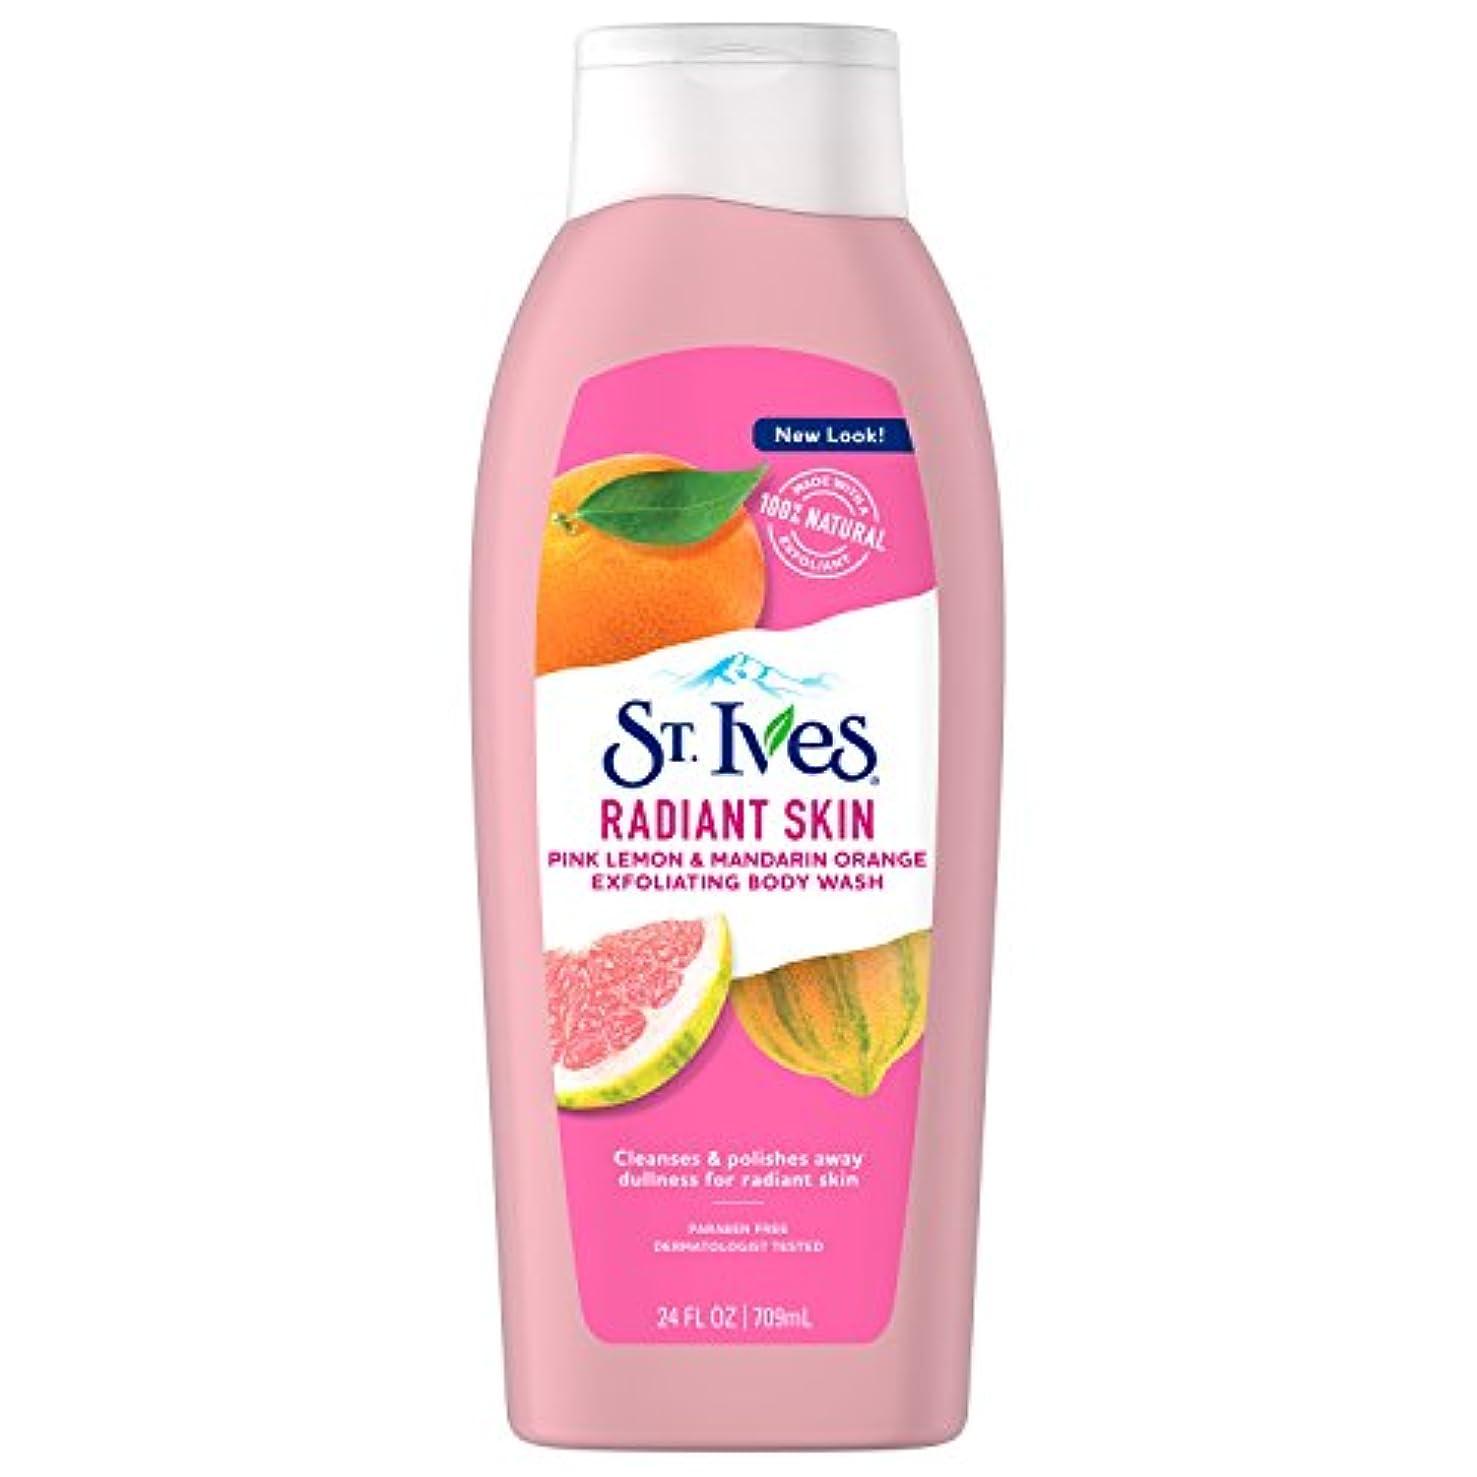 終点害学習St. Ives Even & Bright Body Wash, Pink Lemon and Mandarin Orange 24 oz by St. Ives